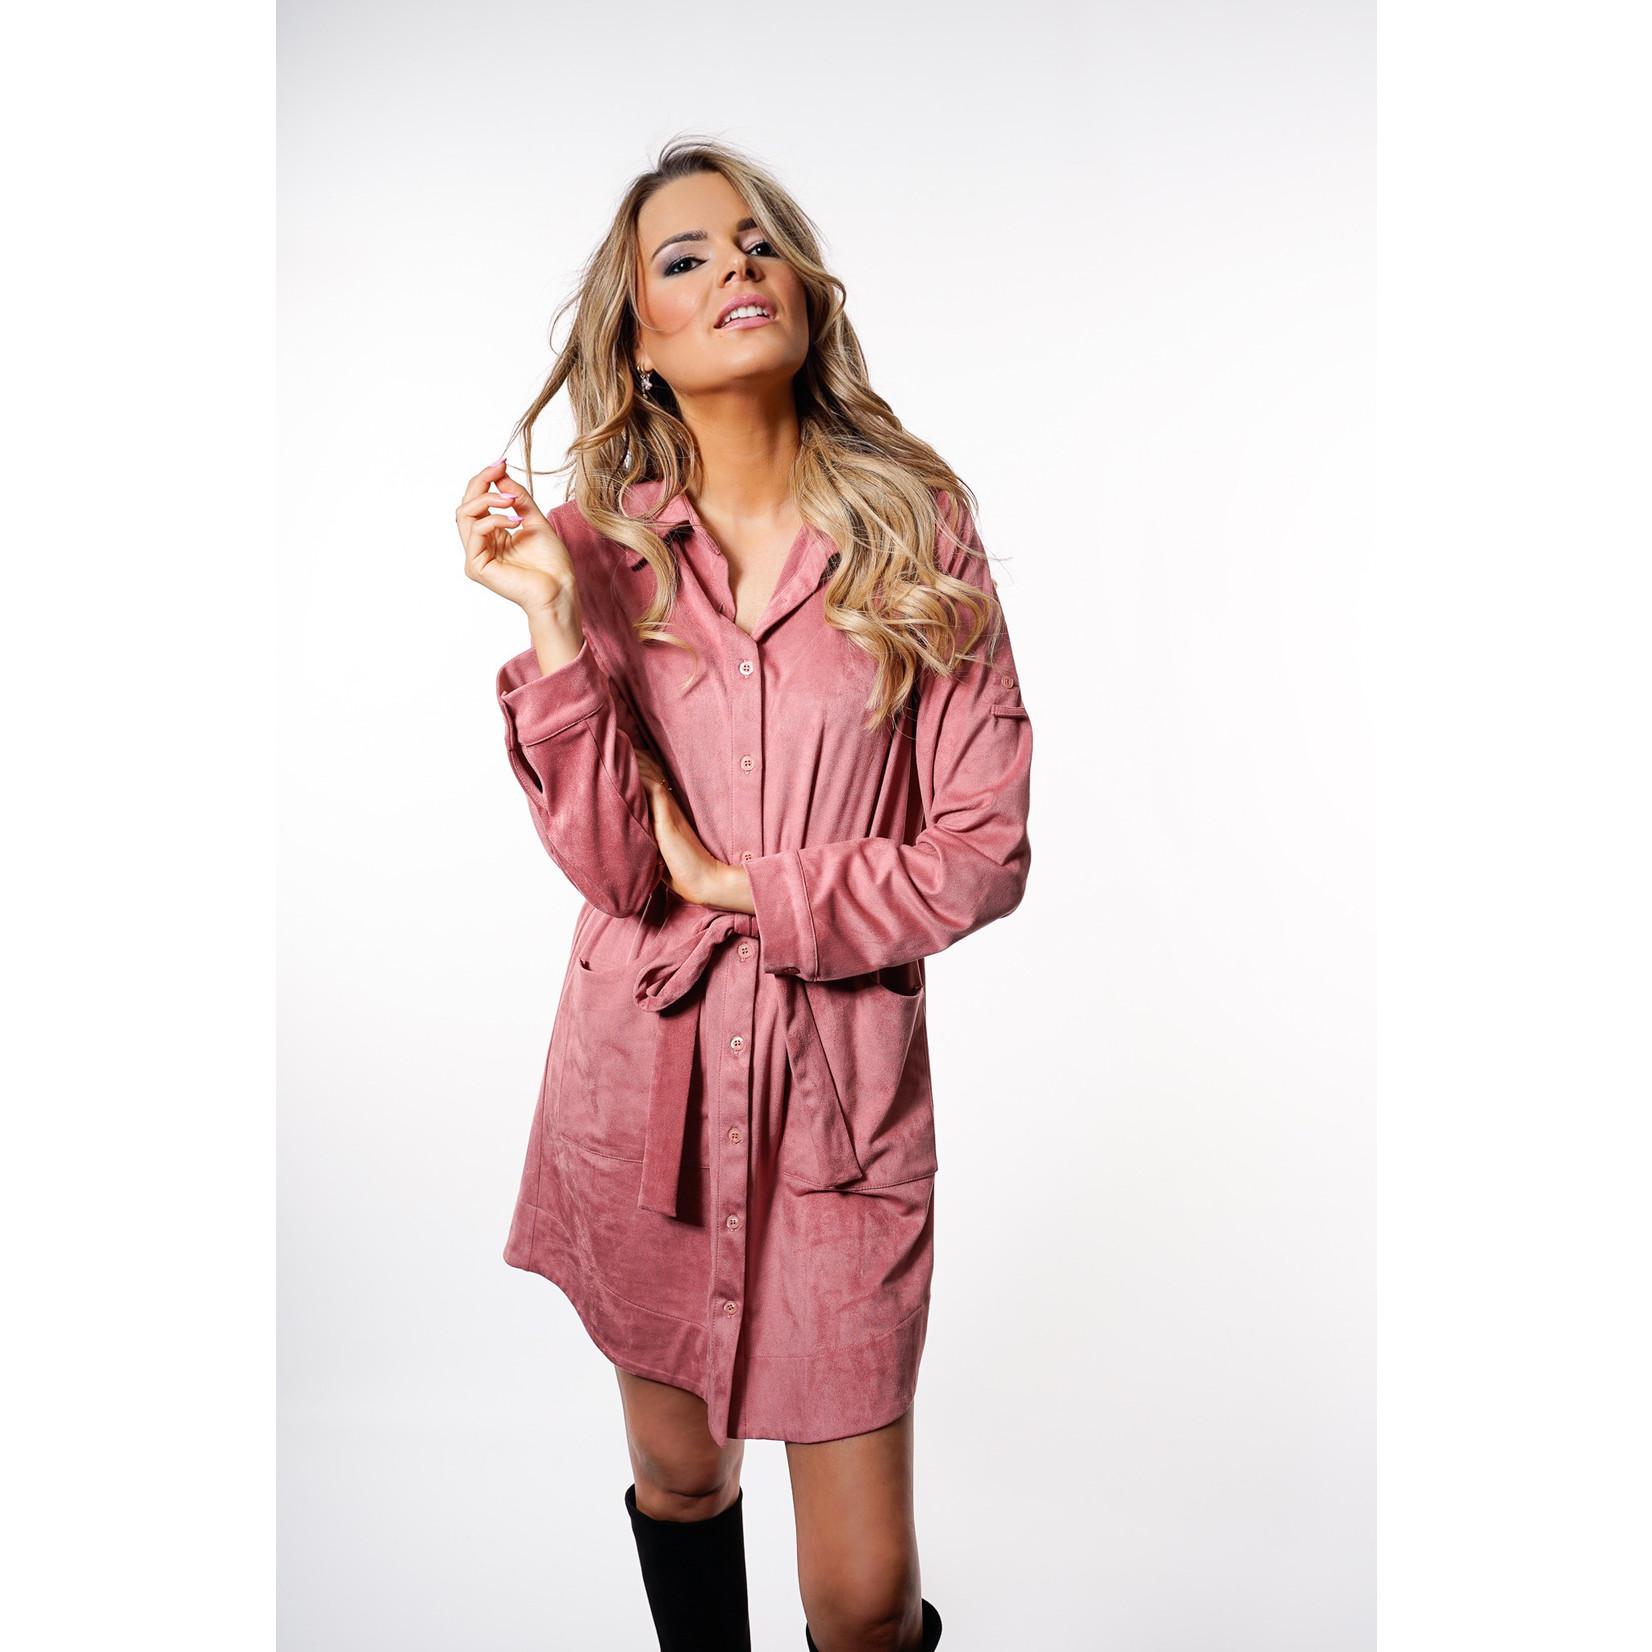 Yentl K Suede dress 22-2